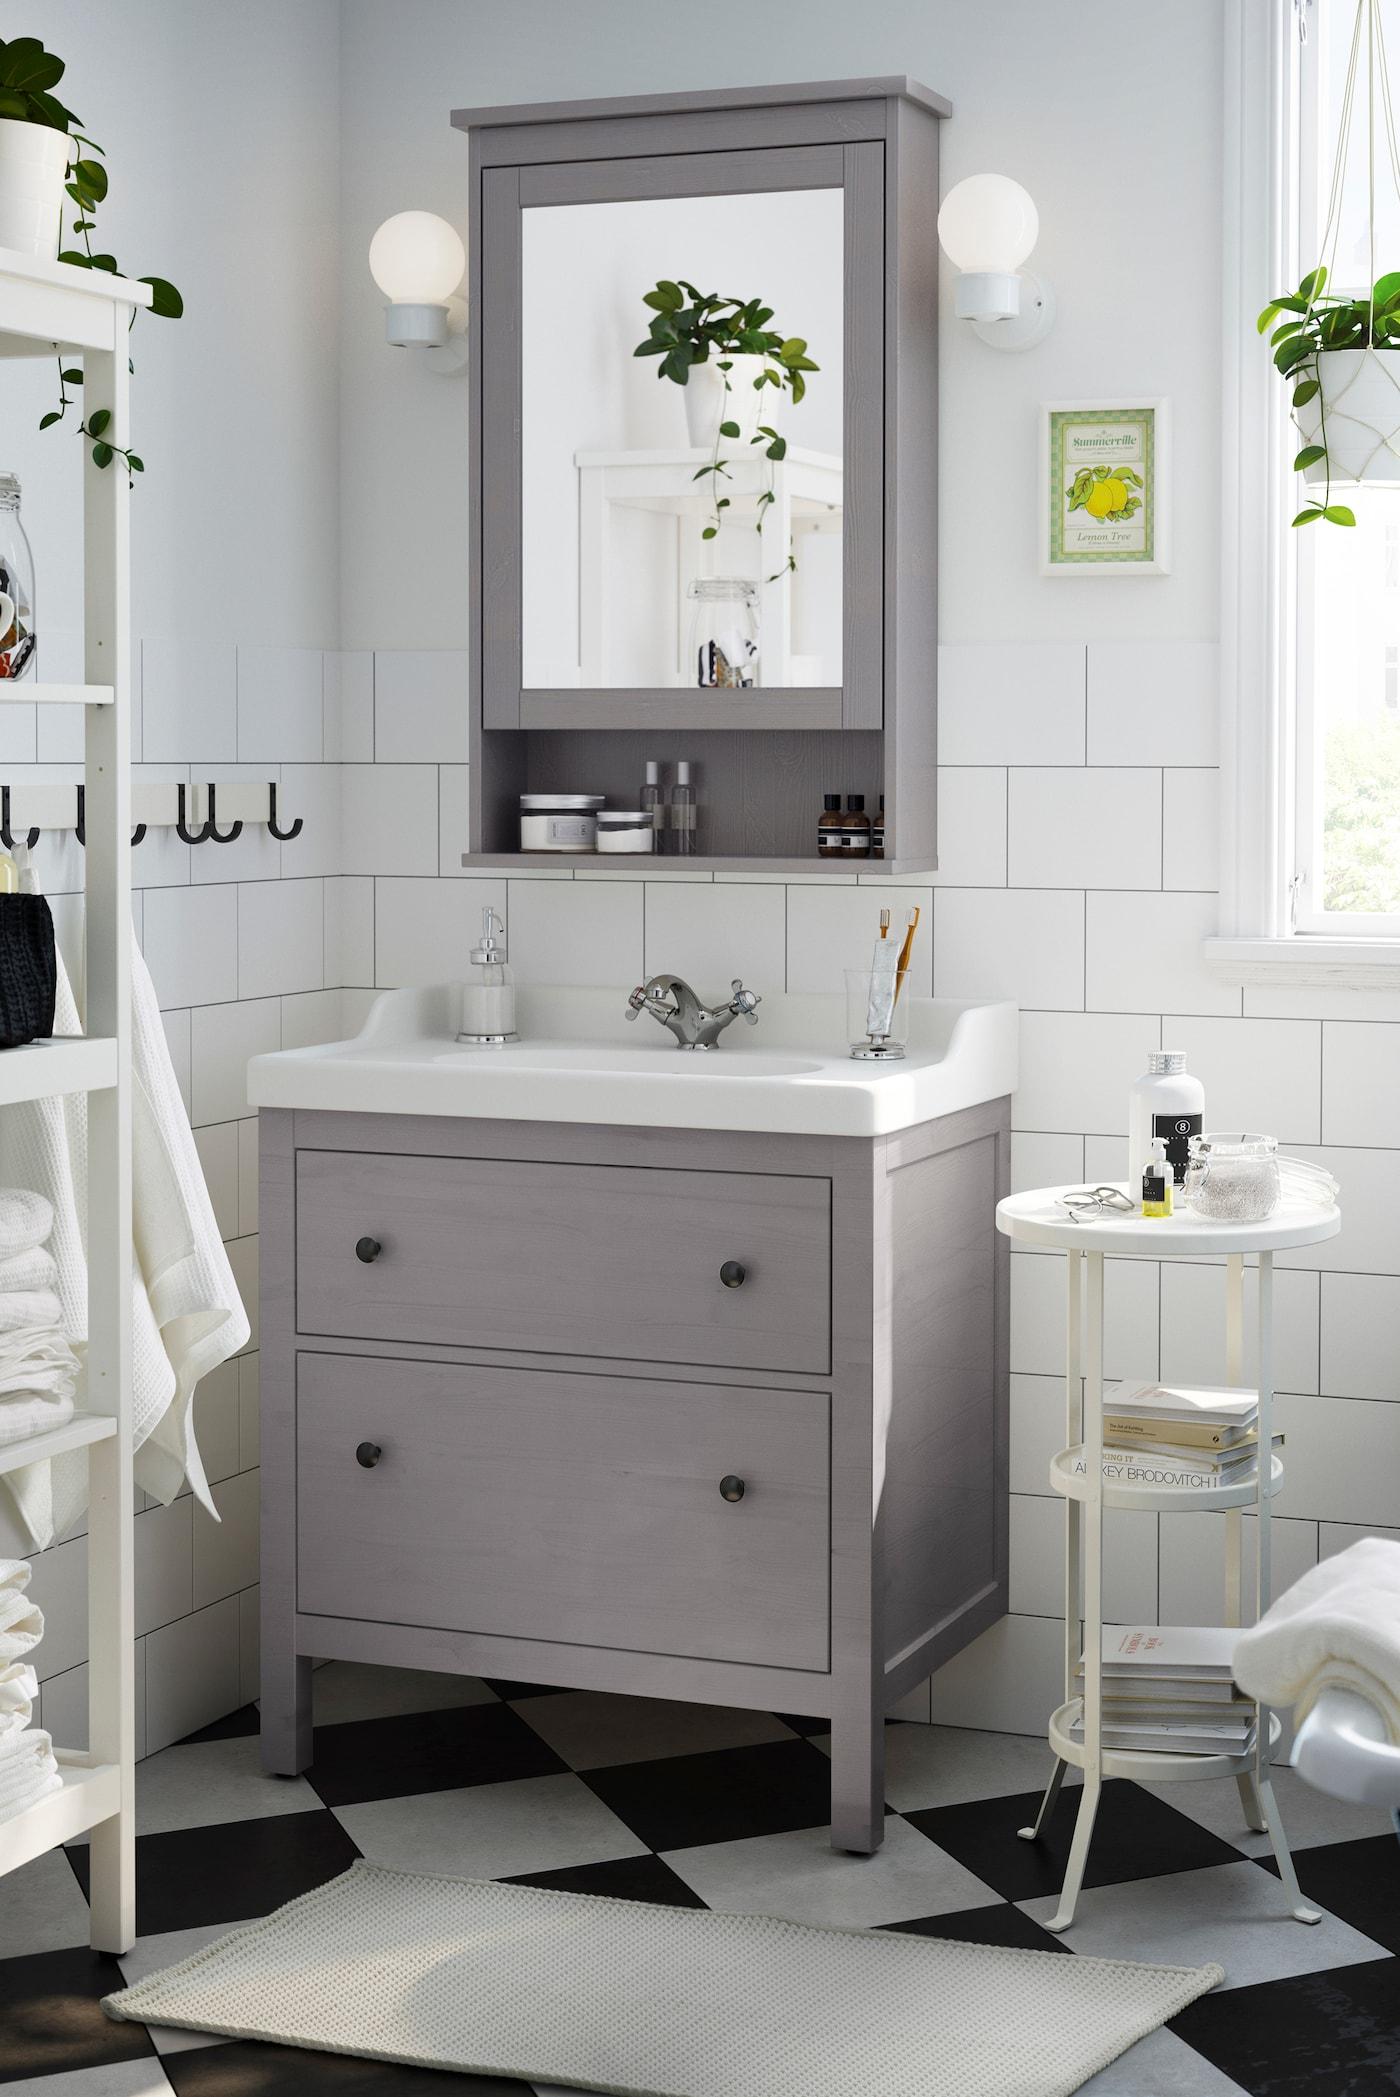 HEMNES Möbel & Accessoires für dein Bad - IKEA Deutschland